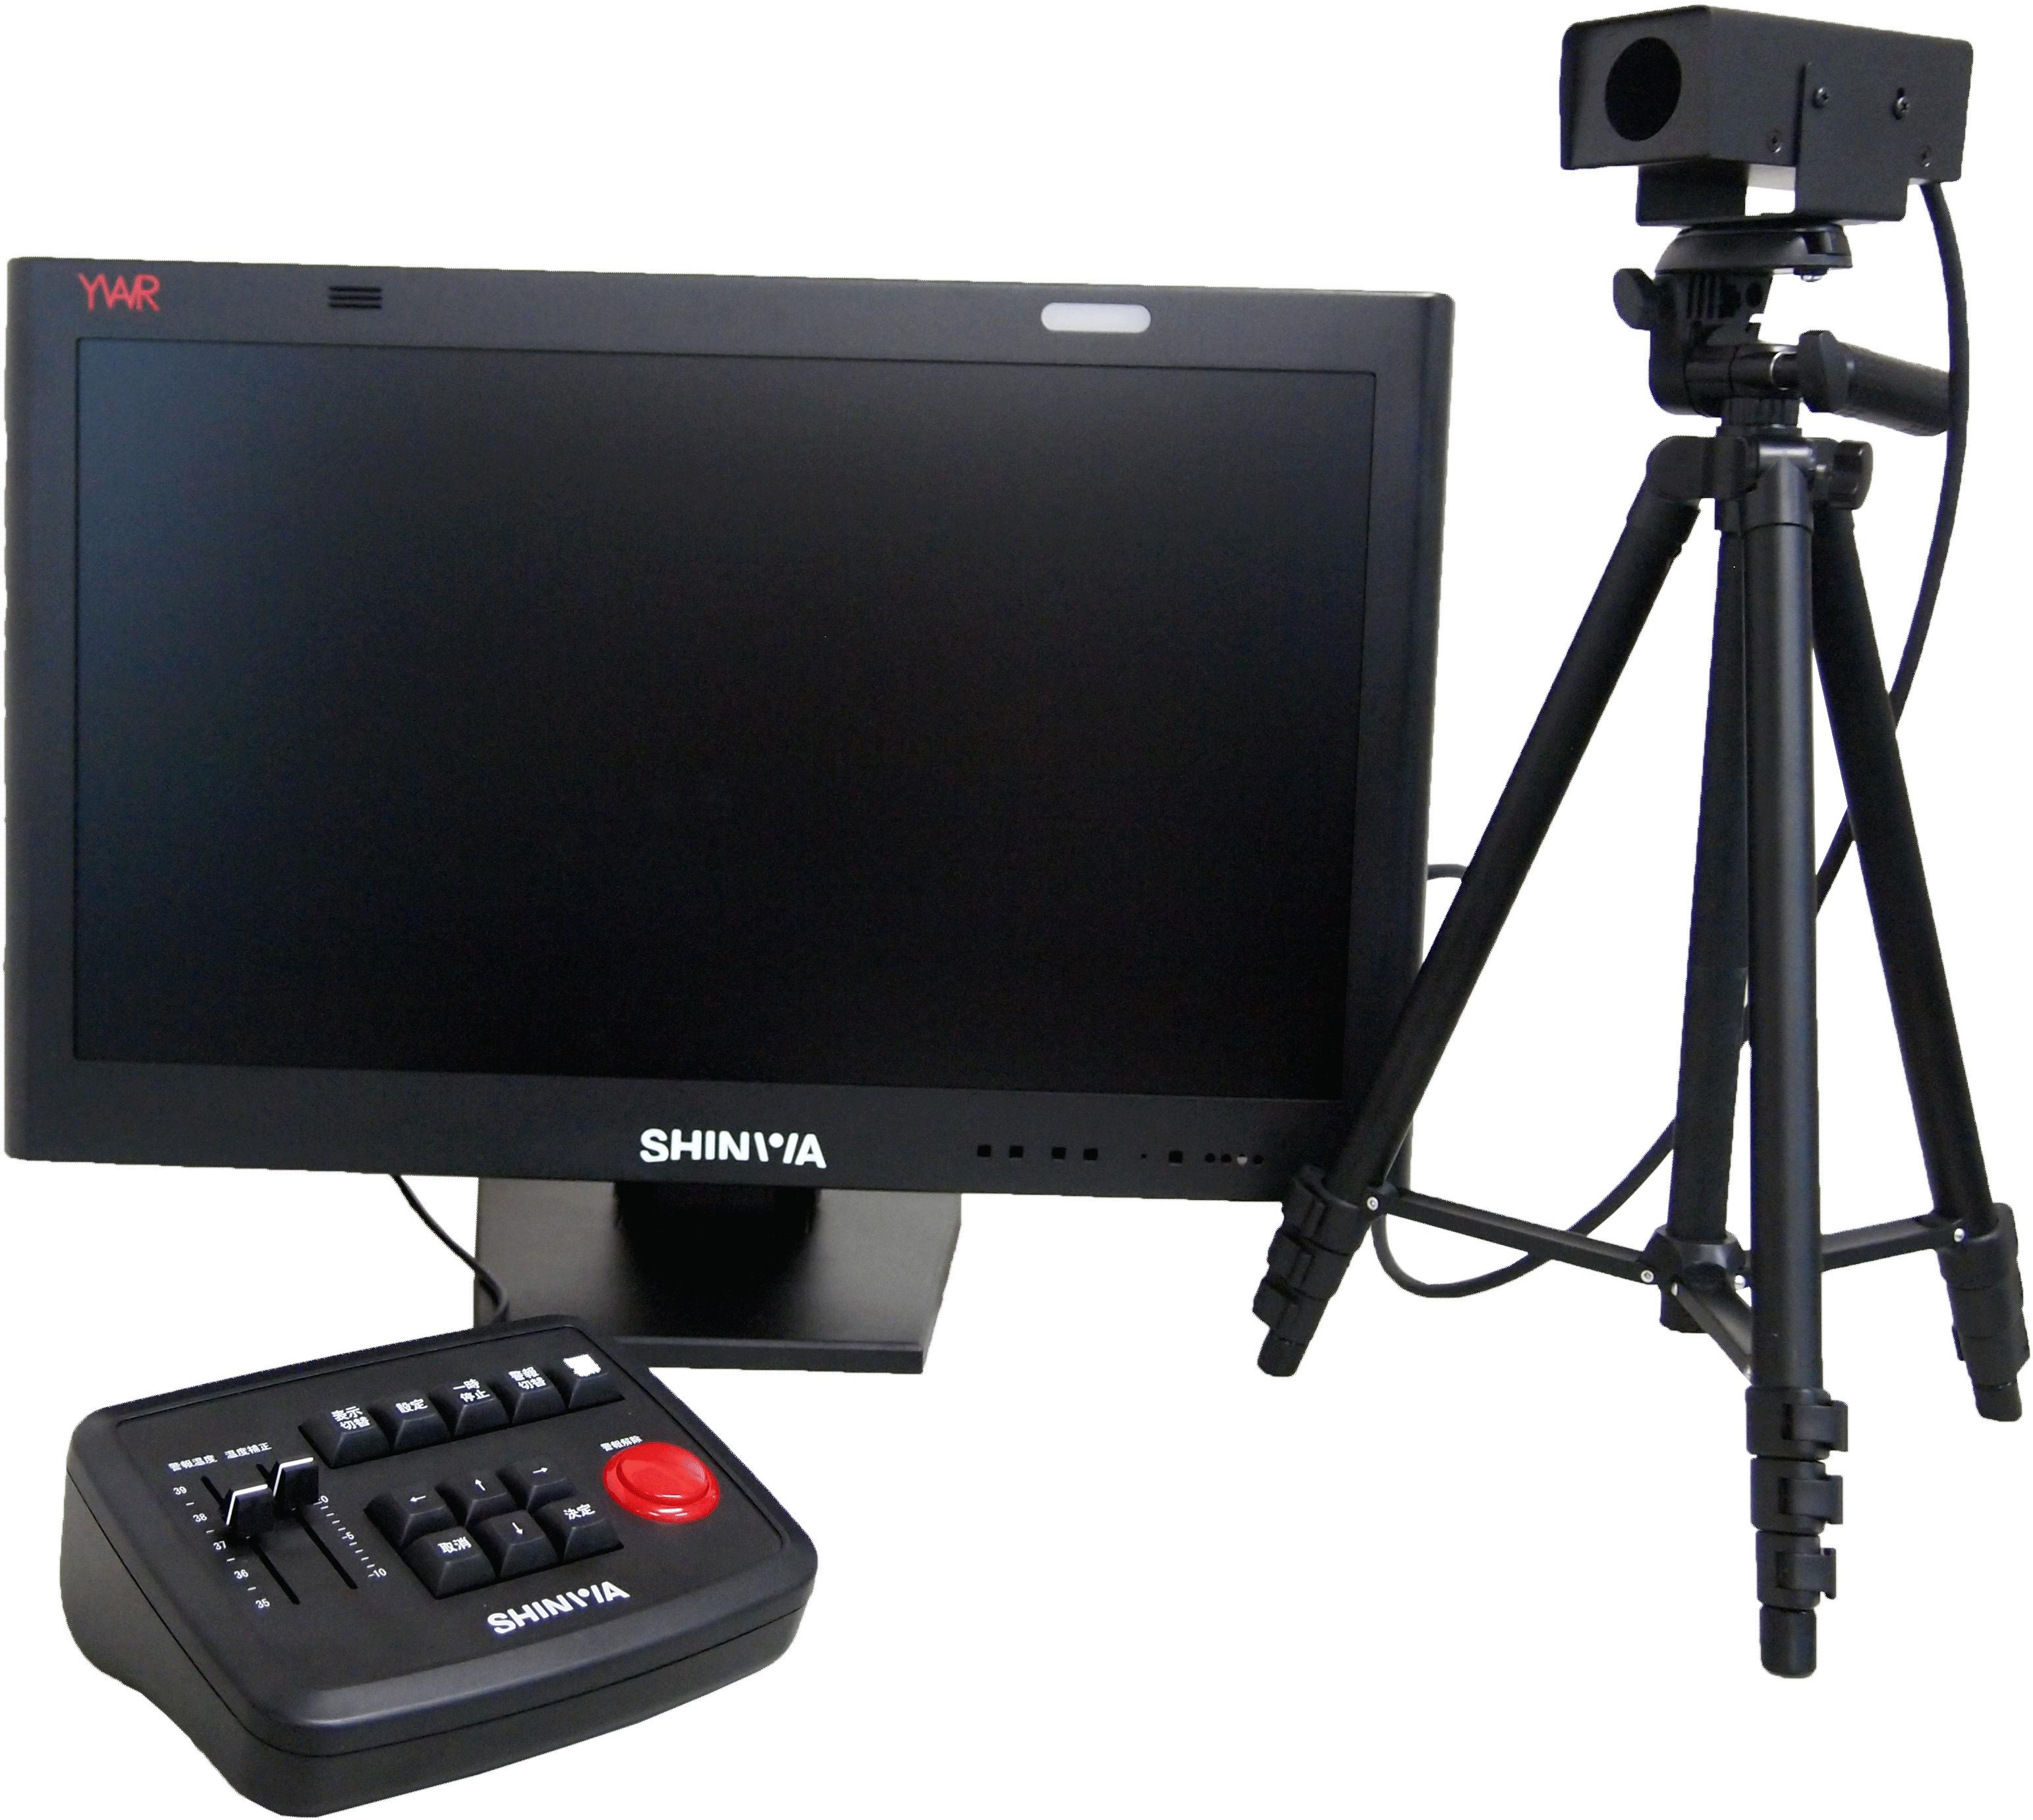 【新和工業㈱】サーモグラフィカメラシステムのご紹介